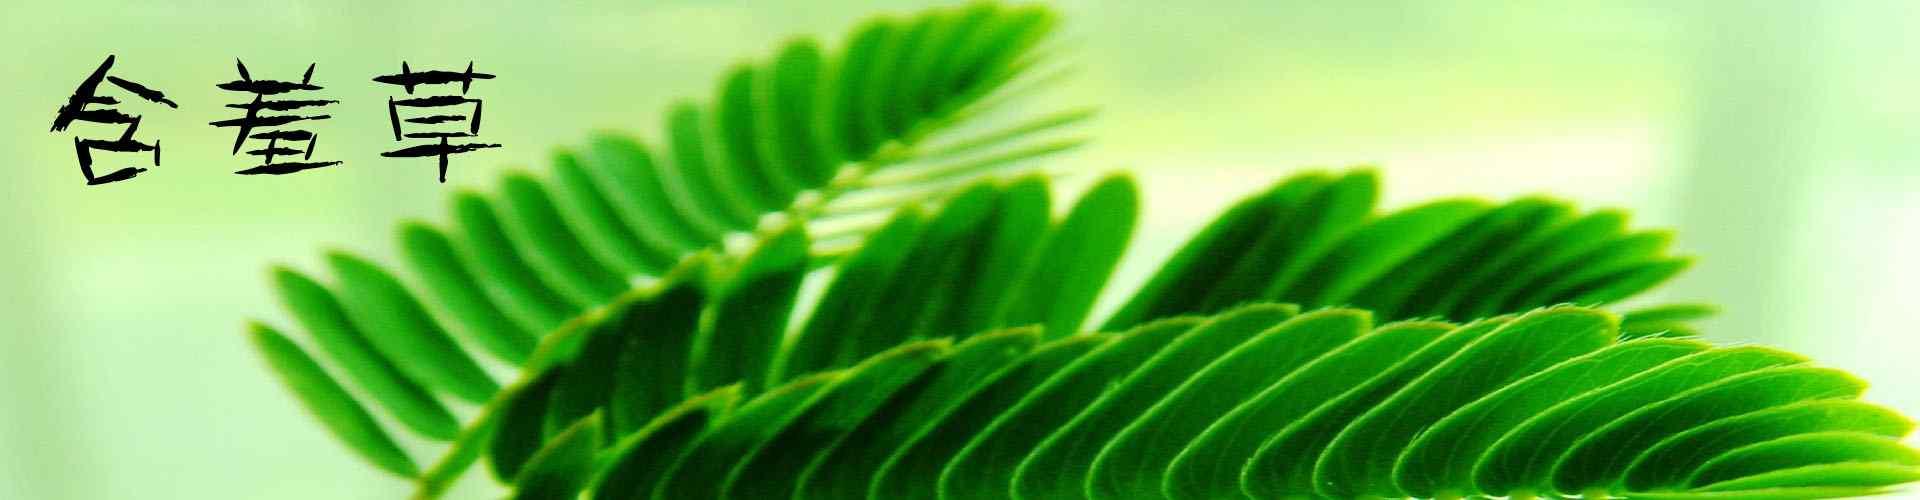 含羞草_含羞草图片_含羞草花图片_含羞草桌面壁纸、手机壁纸_植物壁纸